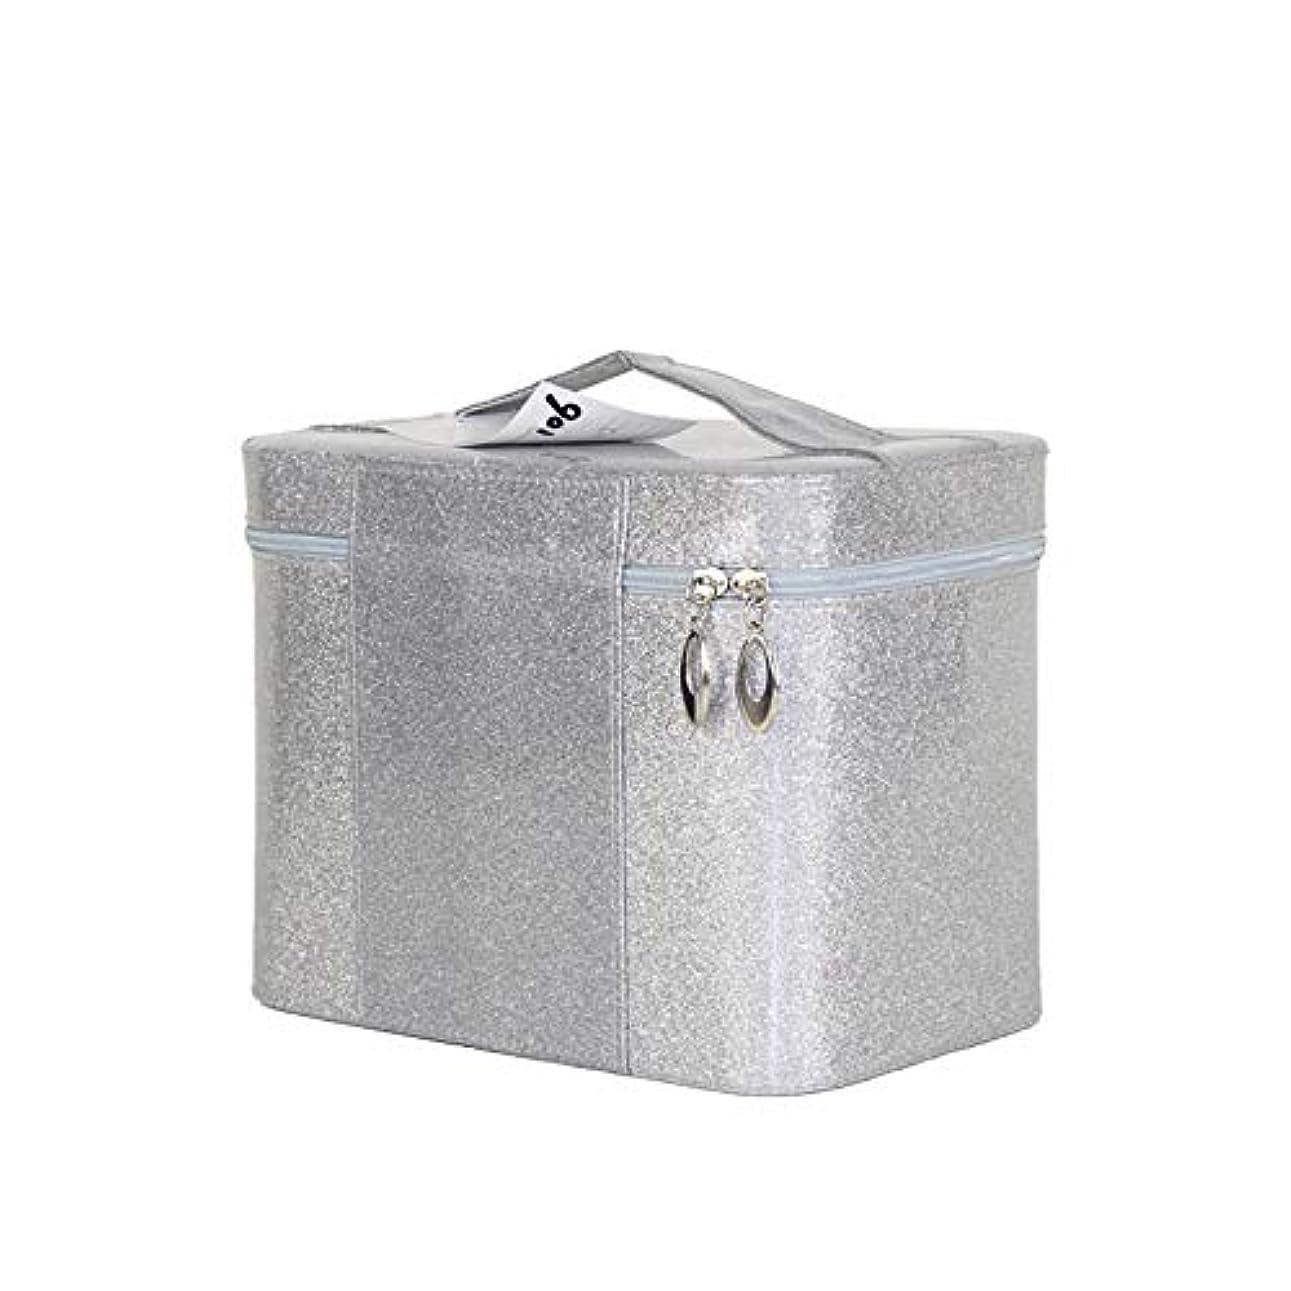 ファイアル抑止する欺化粧オーガナイザーバッグ ジッパーで小さなものの種類のための旅行のための美容メイクアップのための純粋な色のポータブル化粧品バッグ 化粧品ケース